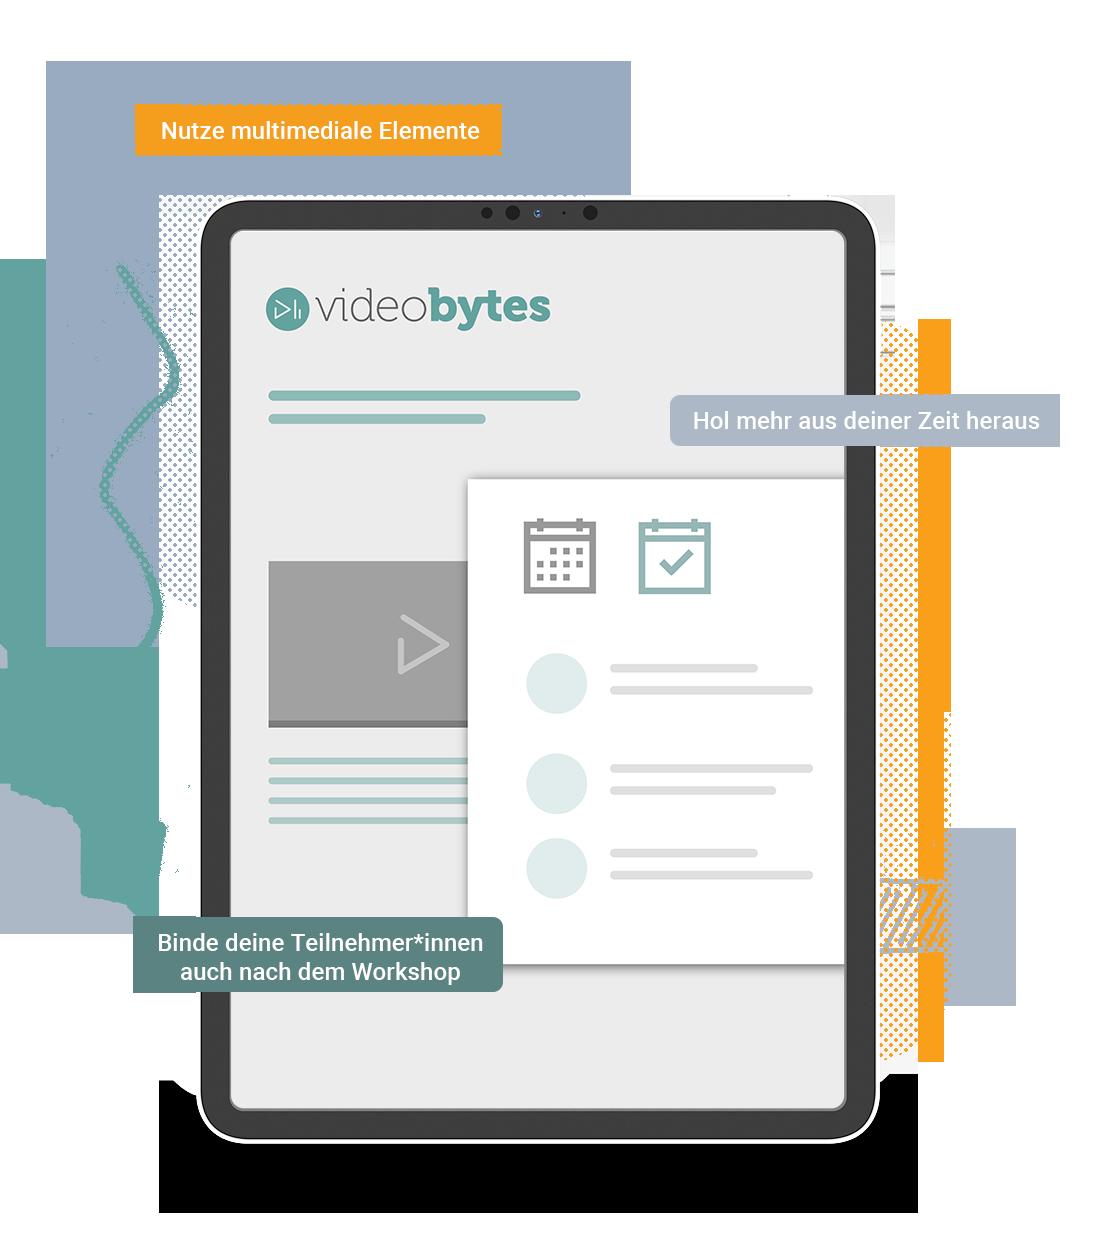 VideoBytes_Bildungsträger_Vorteile-Funktionen_Tool_Distance-Learning_Digitale-Bildung